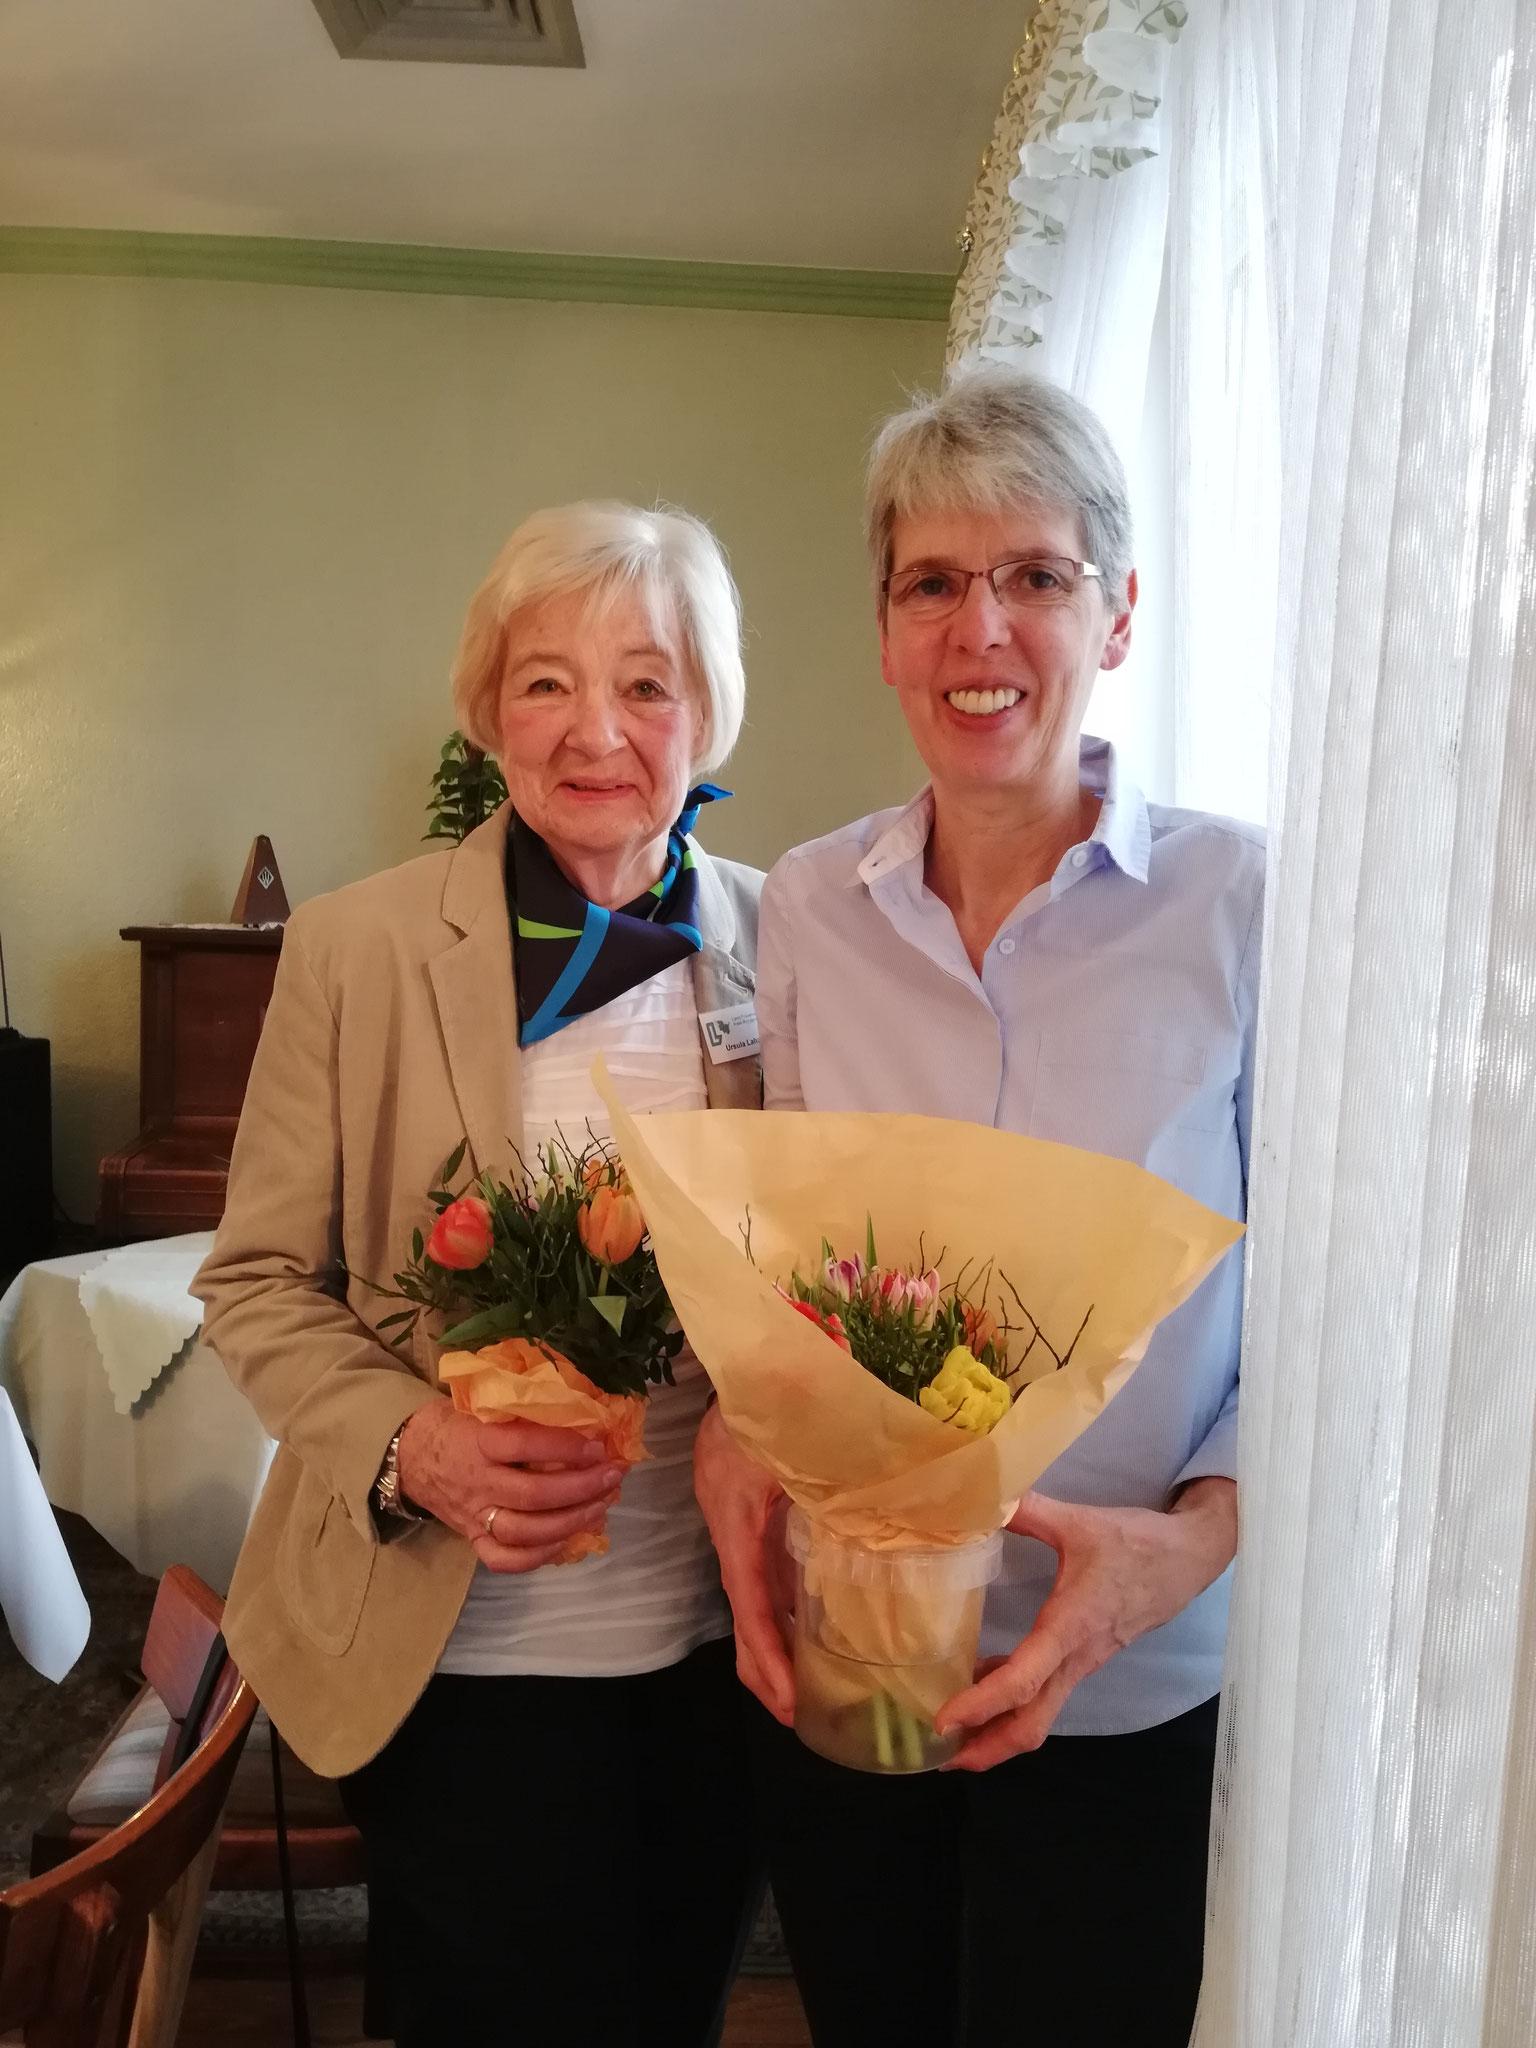 Frau Ursula Lahann und Frau Elke Möller von den Kreislandfrauen nahmen auch an unserer Jahreshauptversammlung teil